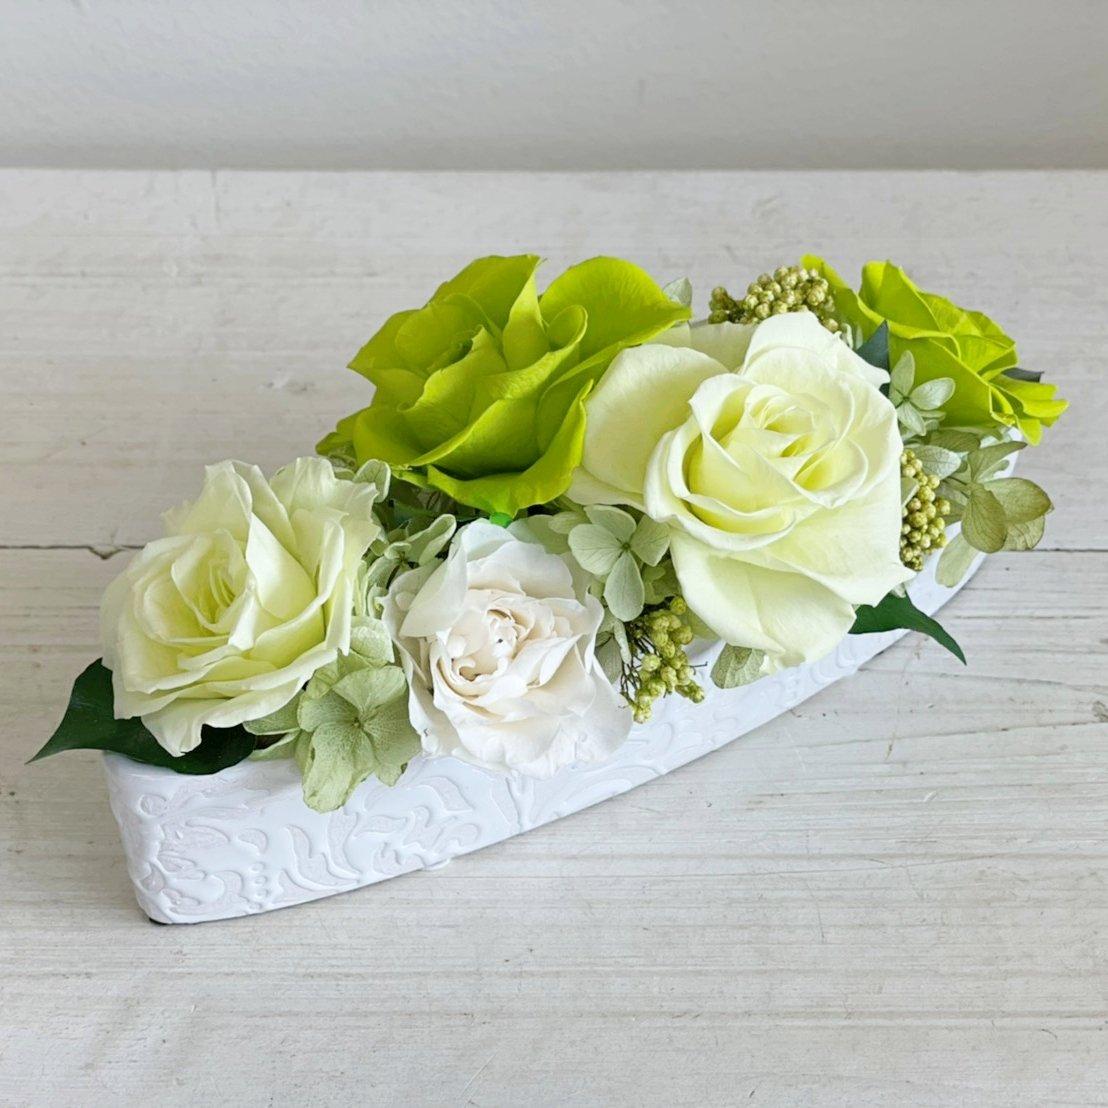 グリーンと白バラのプリザーブドフラワーのバラのテーブルフラワーアレンジ(小)PATRICIA (グリーン)